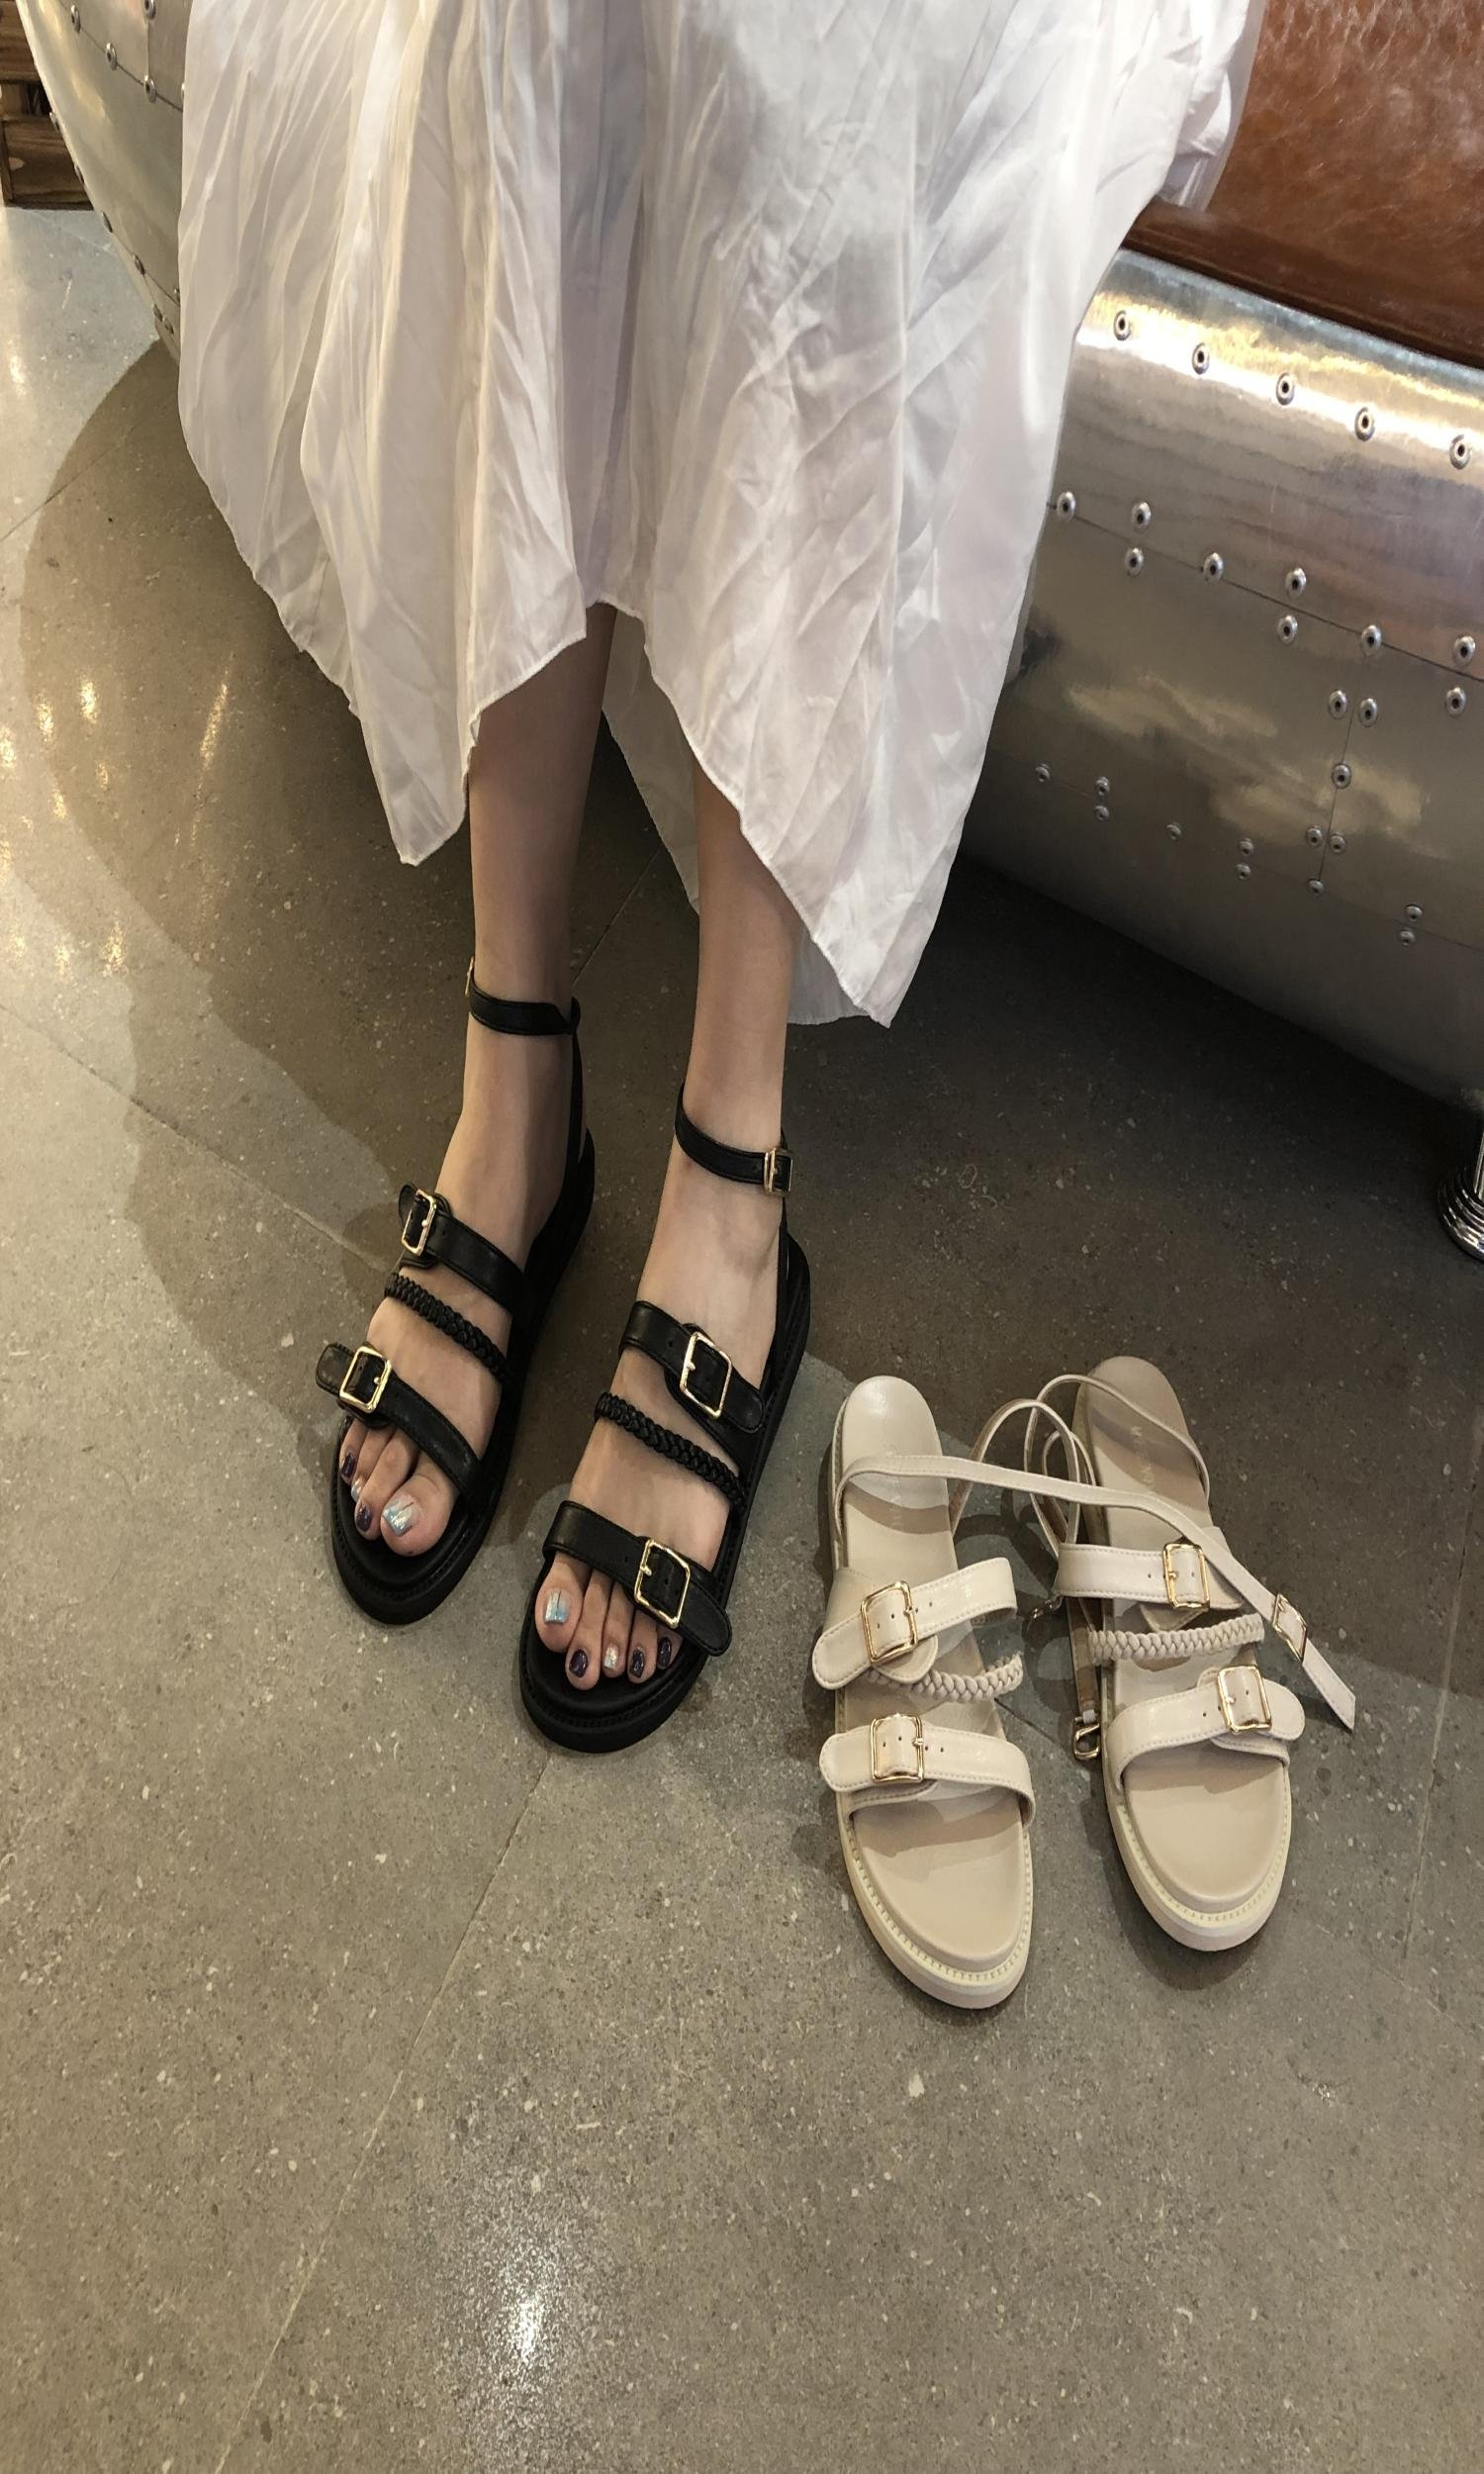 平跟罗马凉鞋 夏季一字扣带黑色平底凉鞋女2019新款英伦仙女风百搭J平跟罗马鞋_推荐淘宝好看的女平跟罗马凉鞋